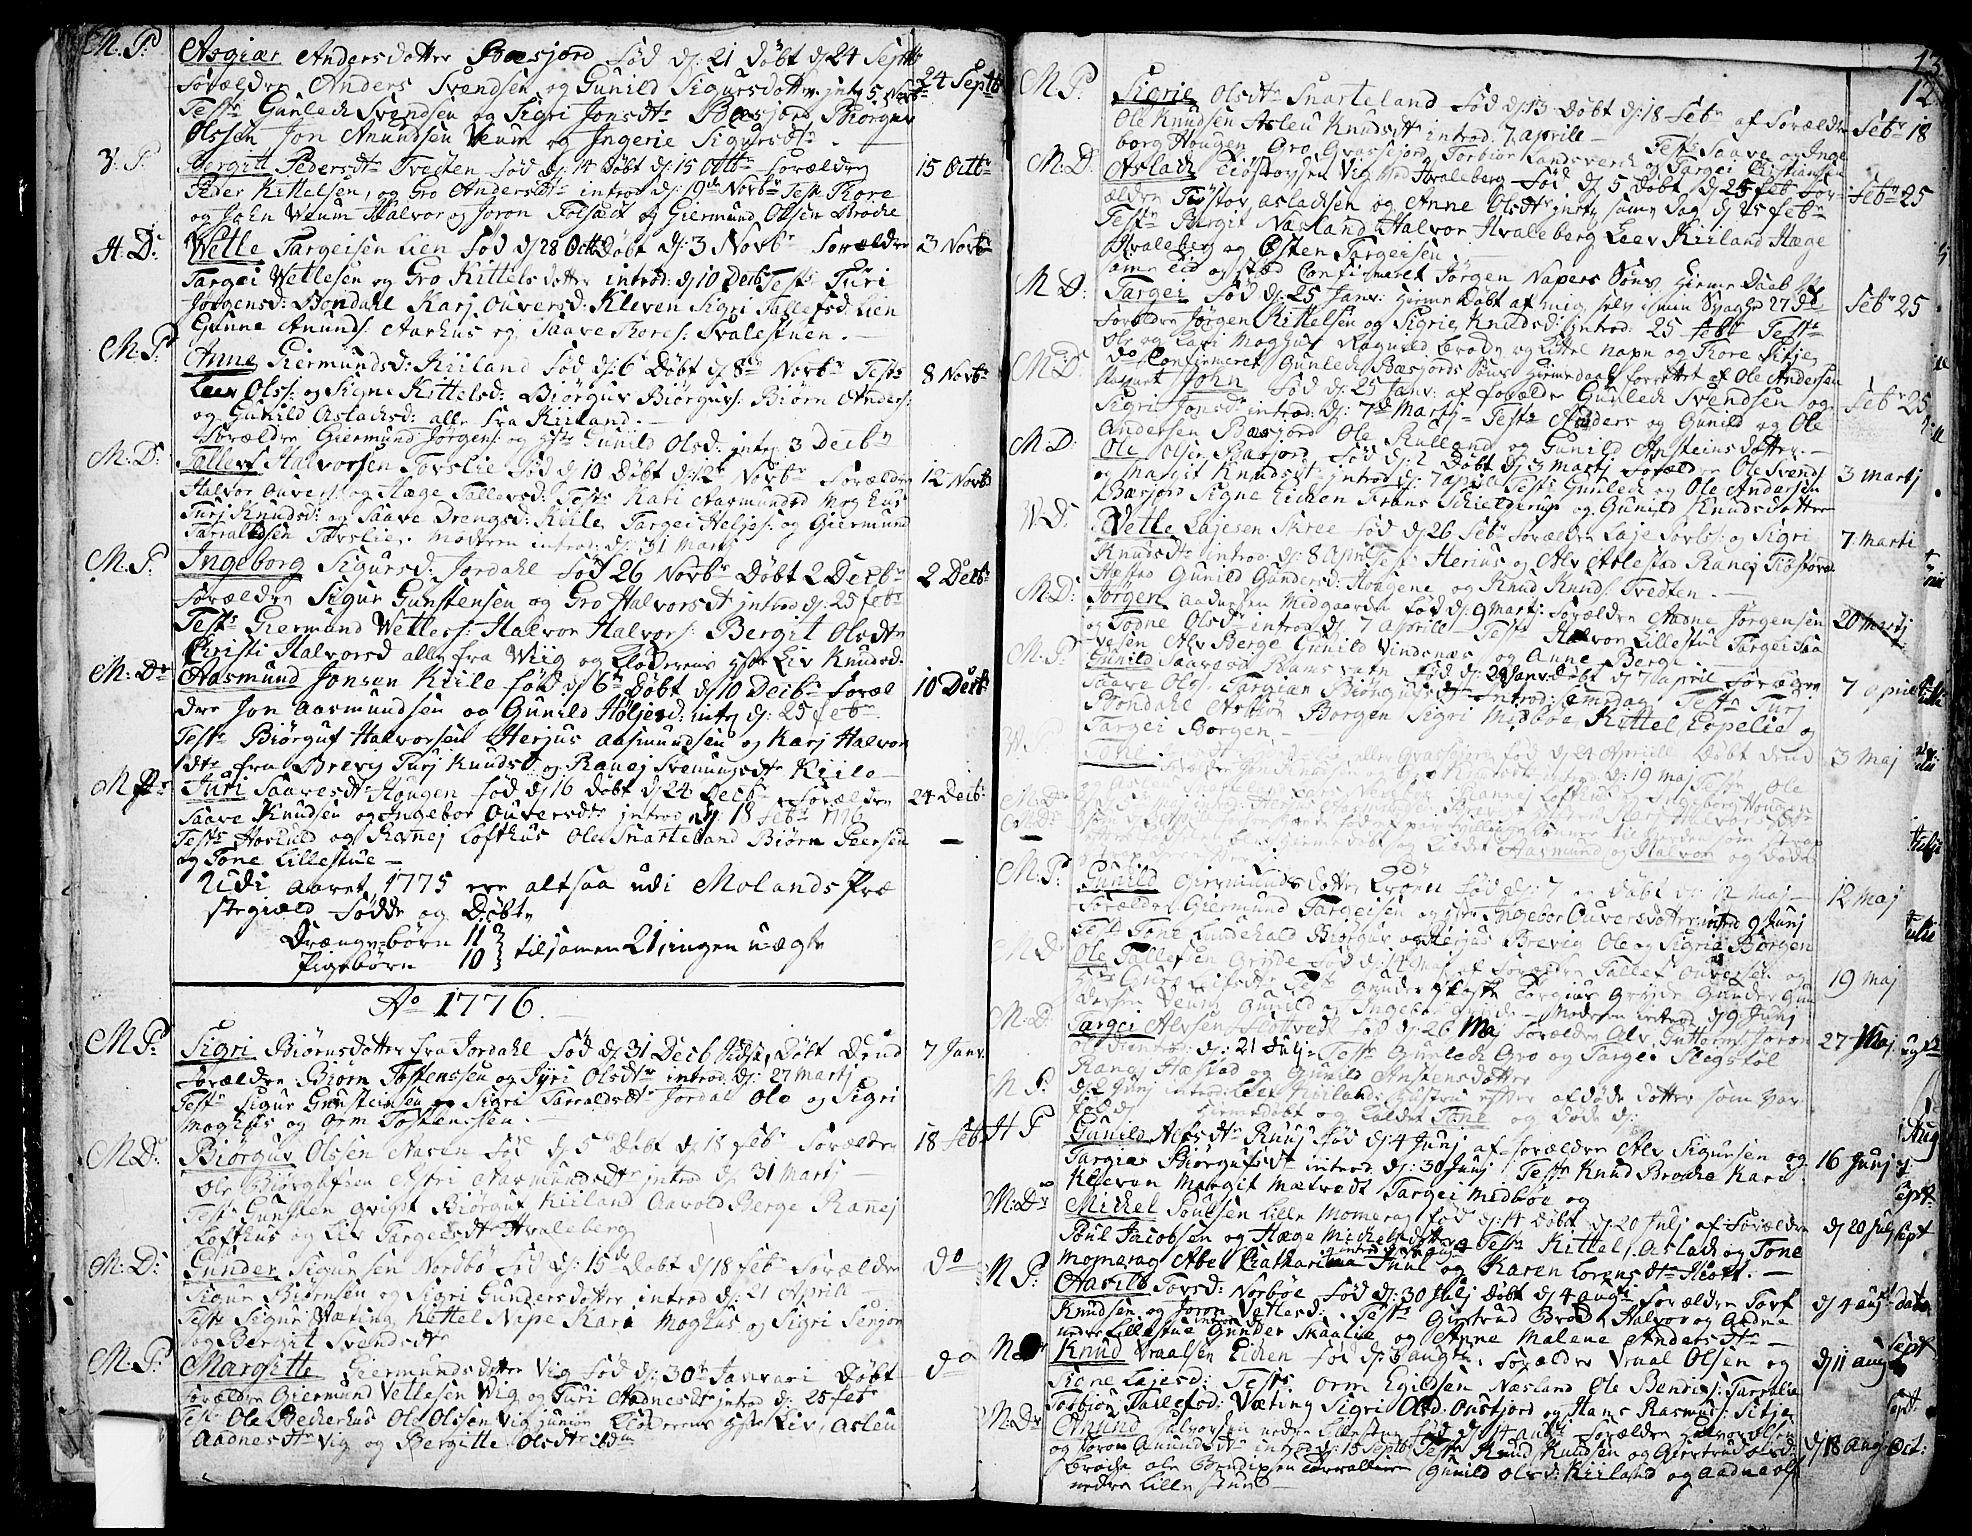 SAKO, Fyresdal kirkebøker, F/Fa/L0002: Ministerialbok nr. I 2, 1769-1814, s. 12